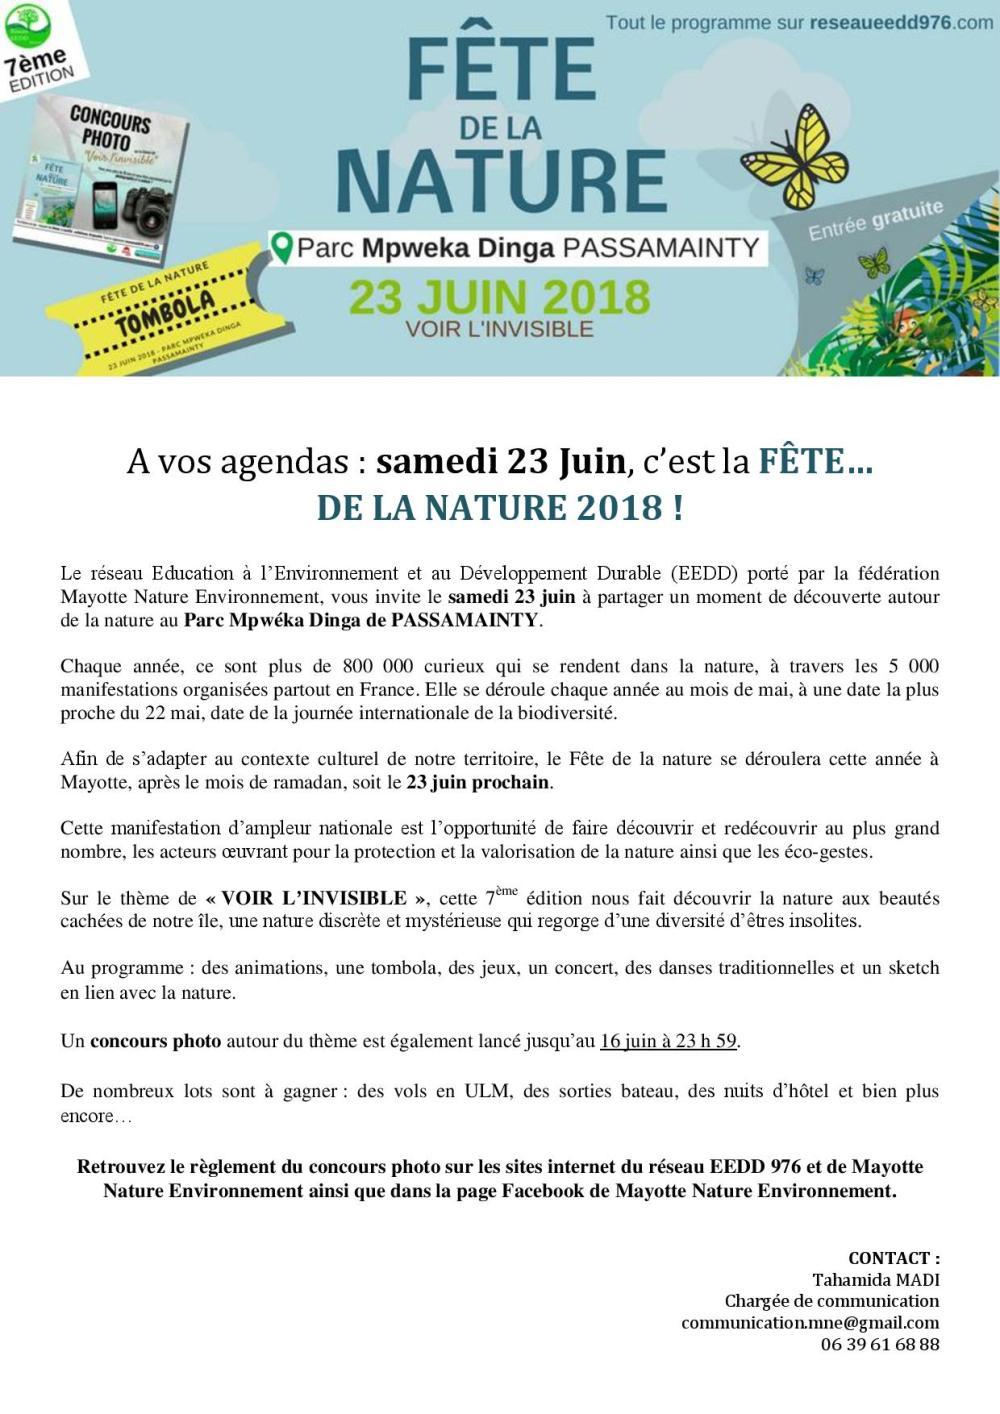 CP FETE DE LA NATURE 2018-page-001